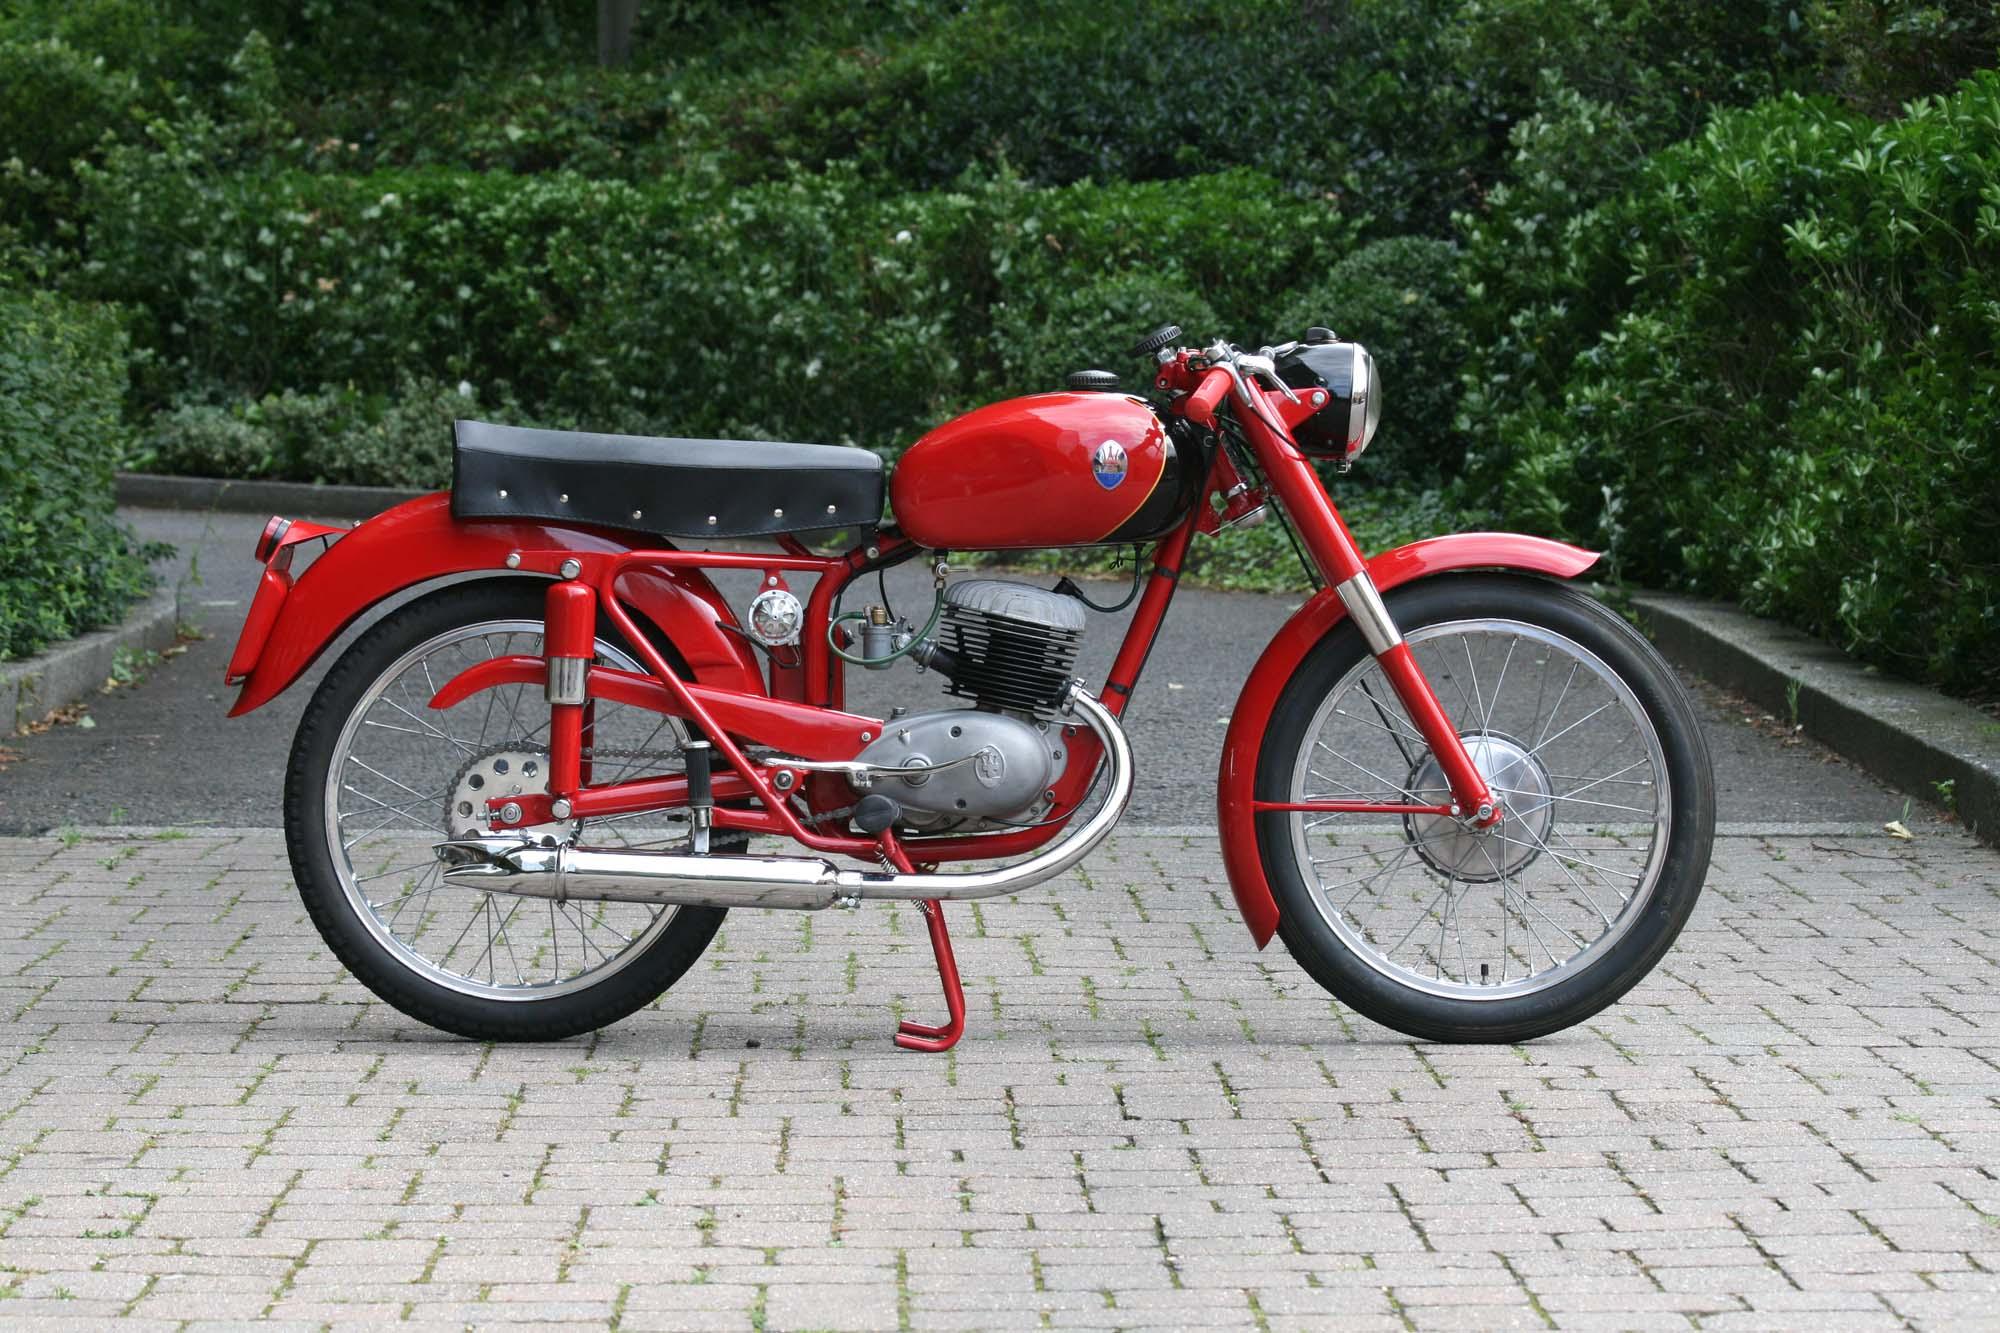 1955 MASERATI 125 T2 TURISMO VELOCE